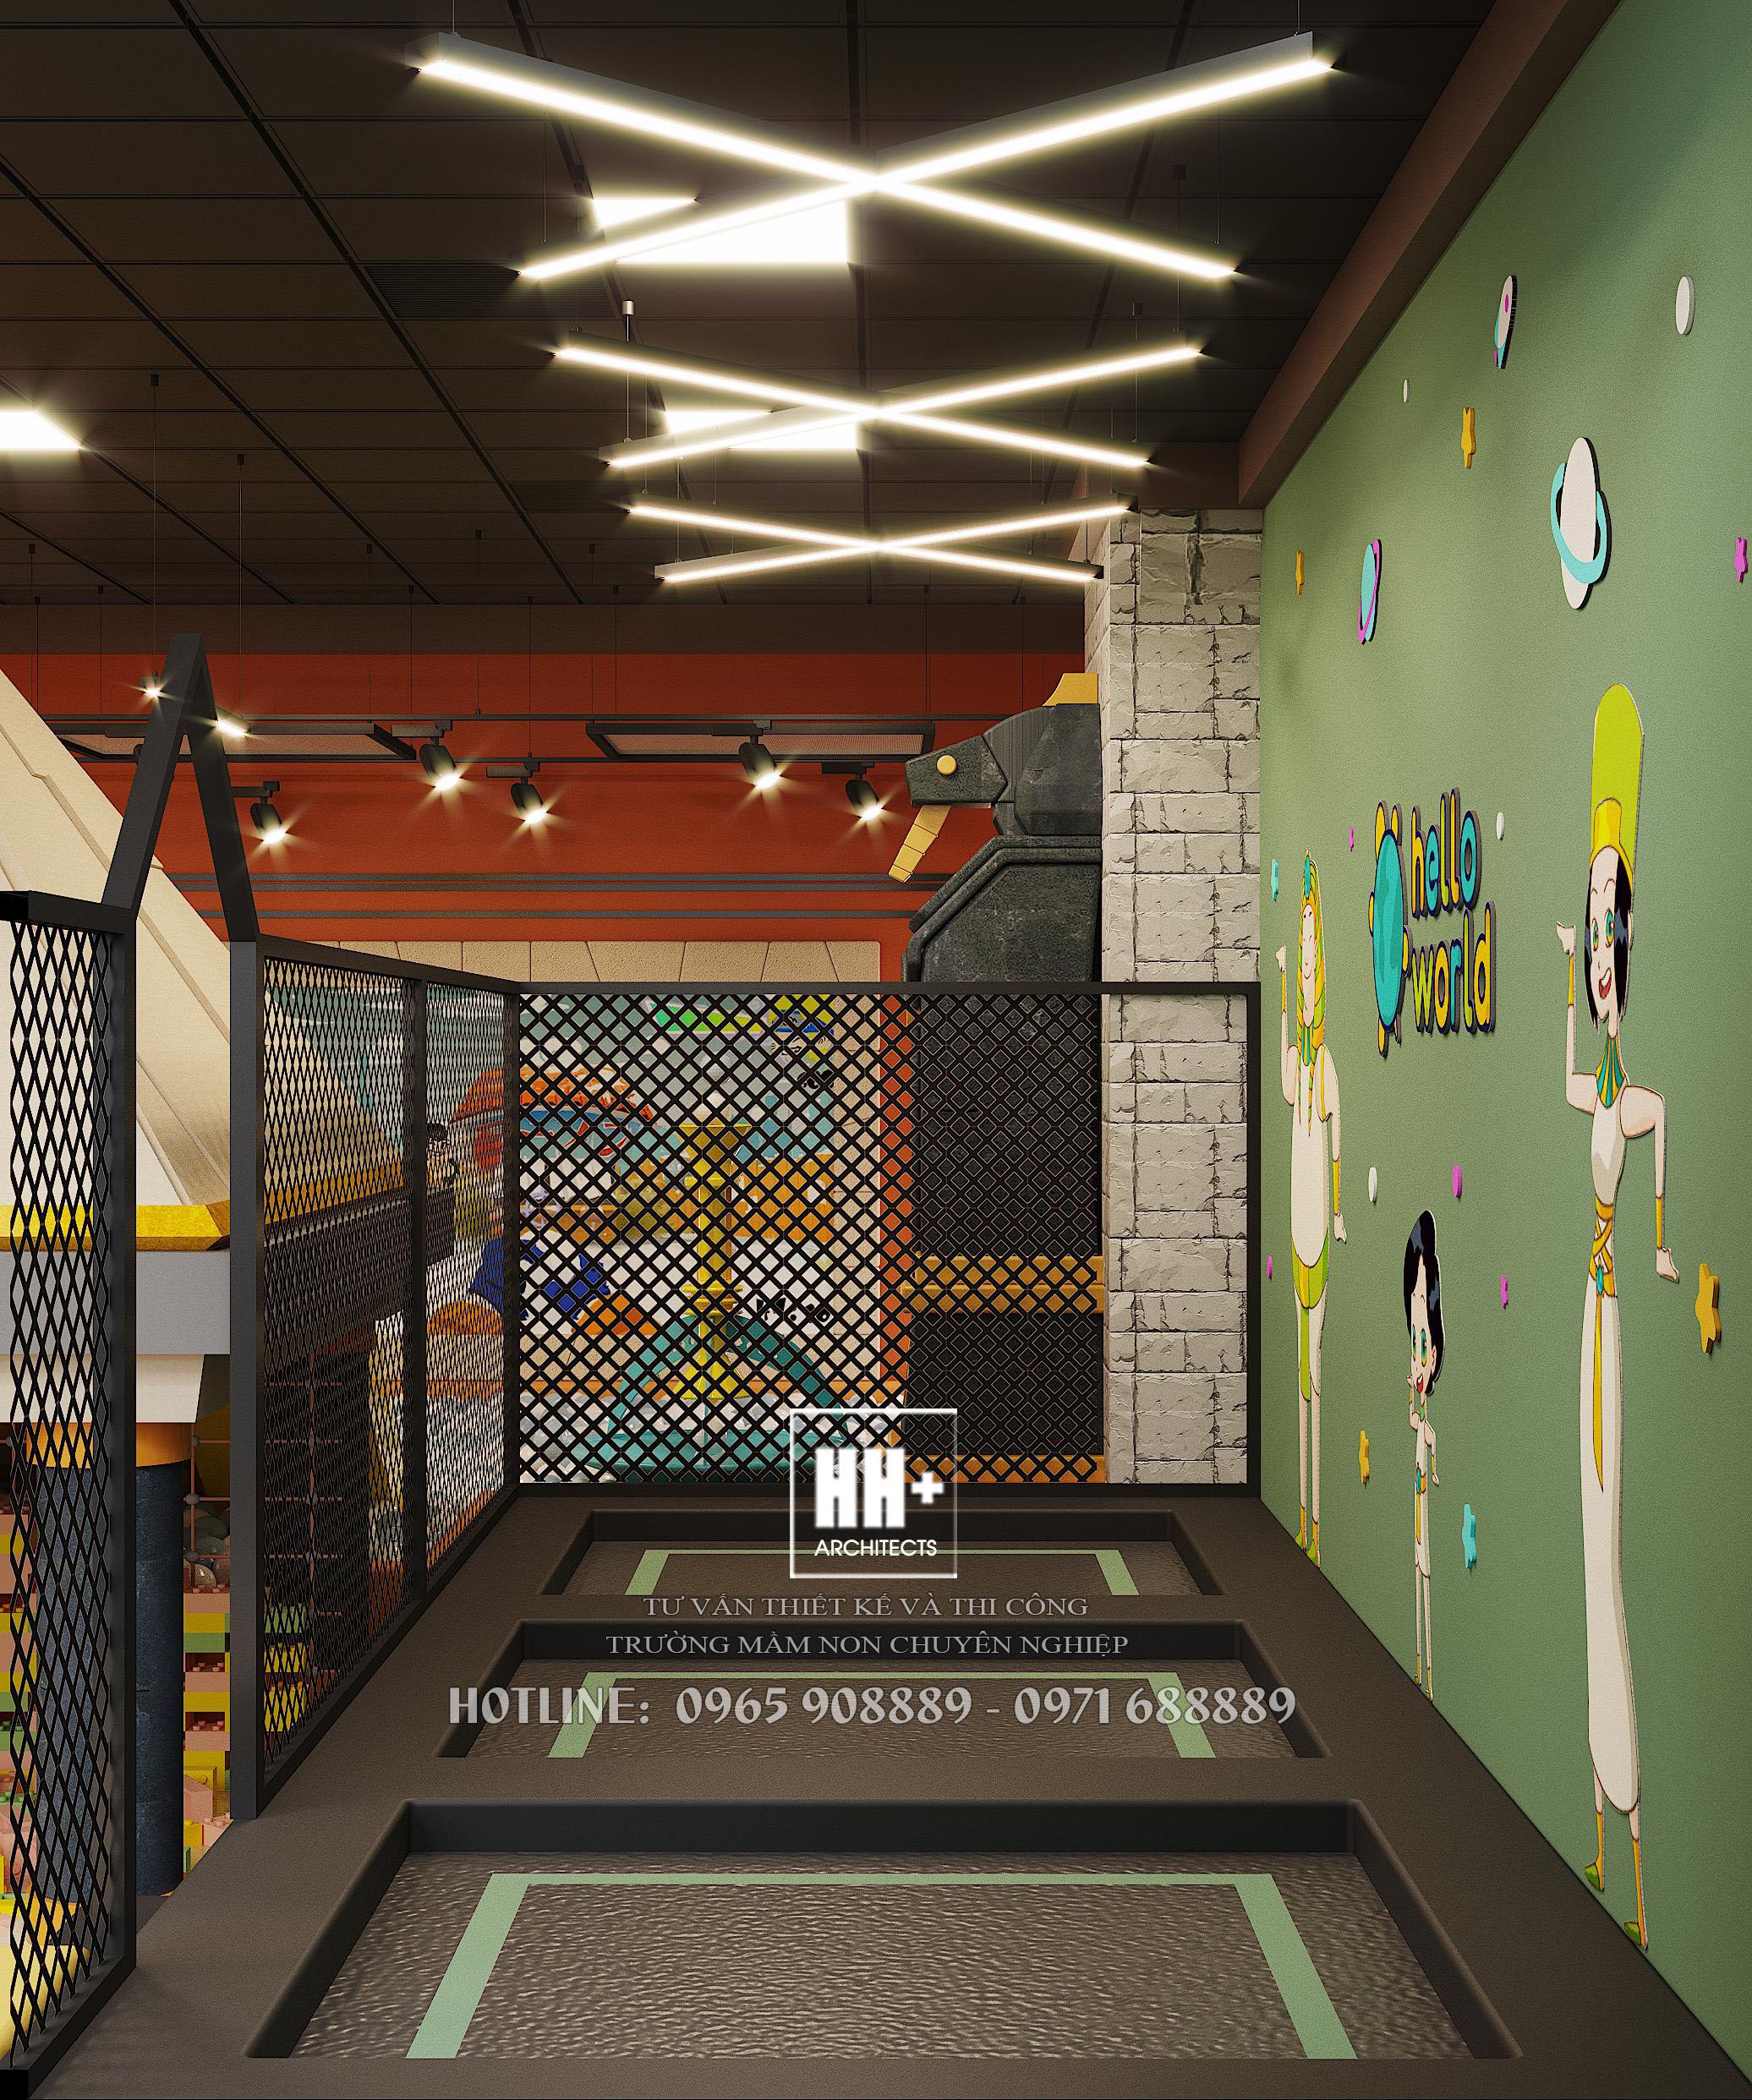 11 Thiết kế khu vui chơi trẻ em Thiết kế khu vui chơi trẻ em Hello World 11